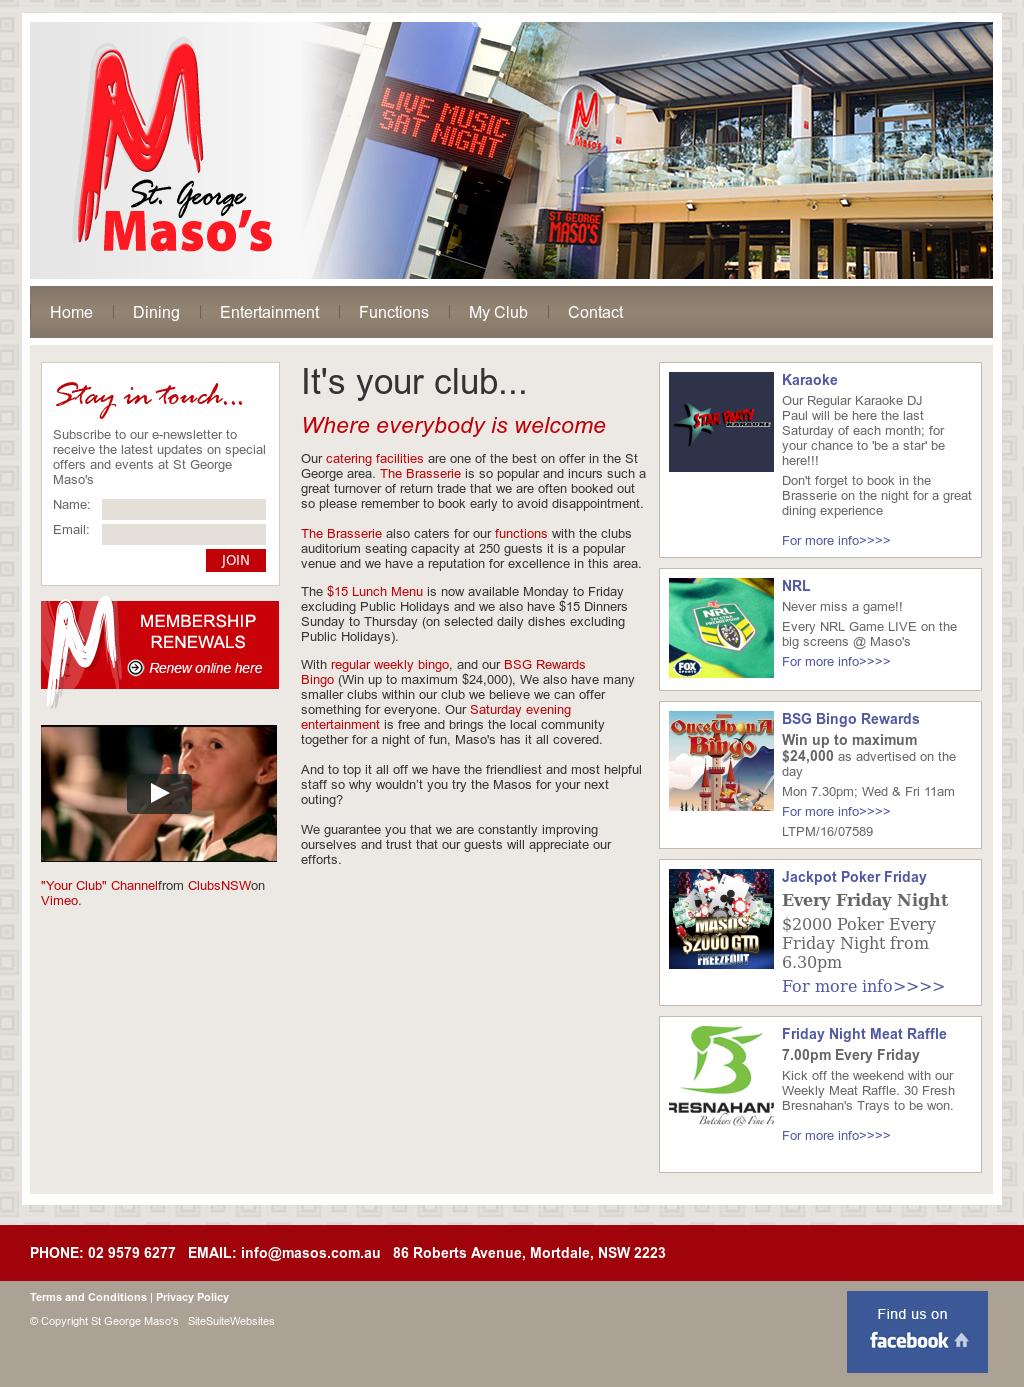 St George Maso's - The Maso's Competitors, Revenue and